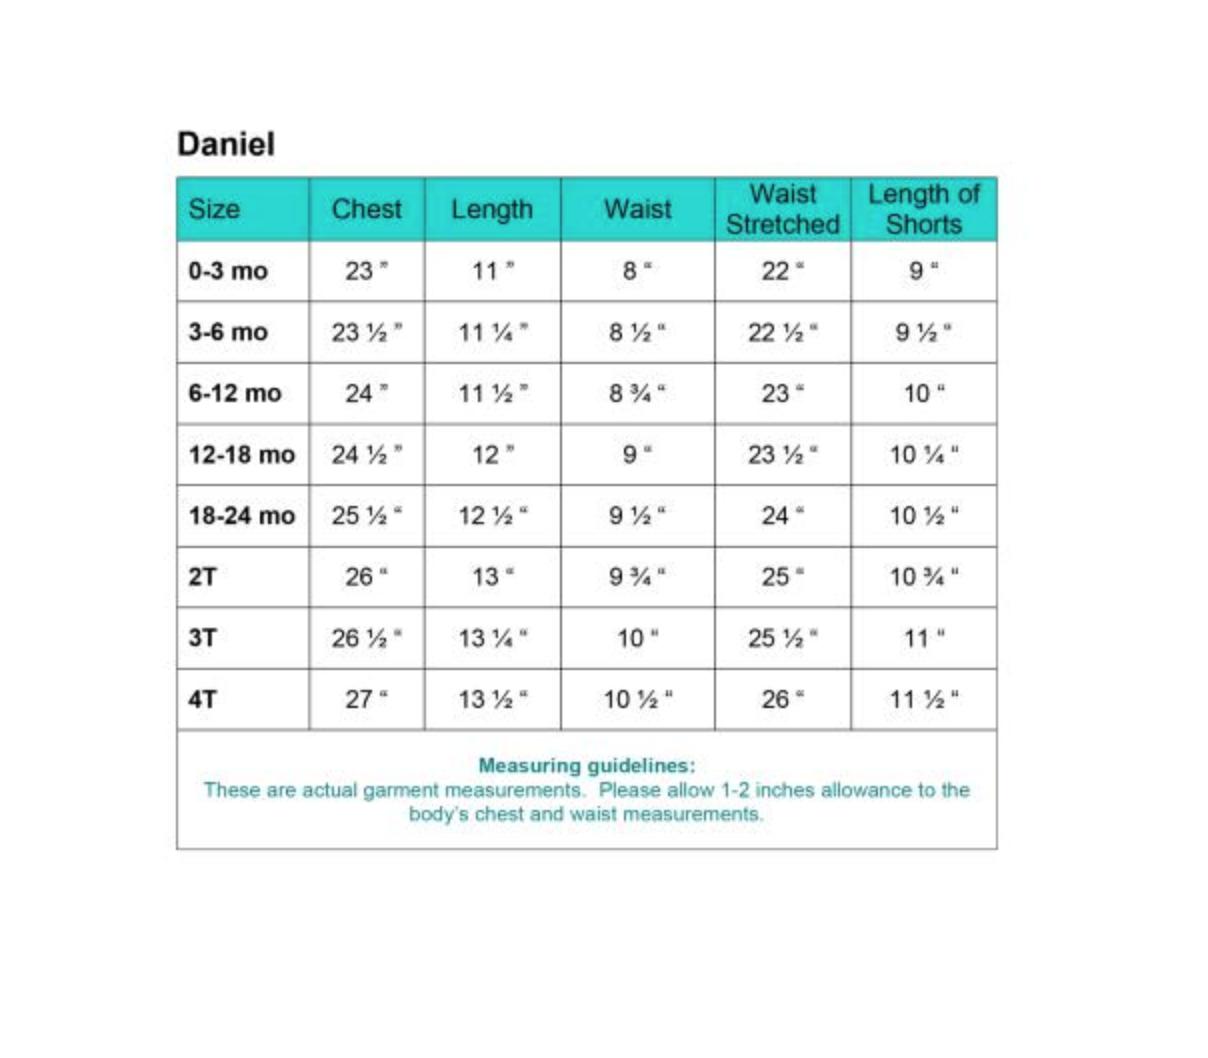 sizing-chart-daniel.png